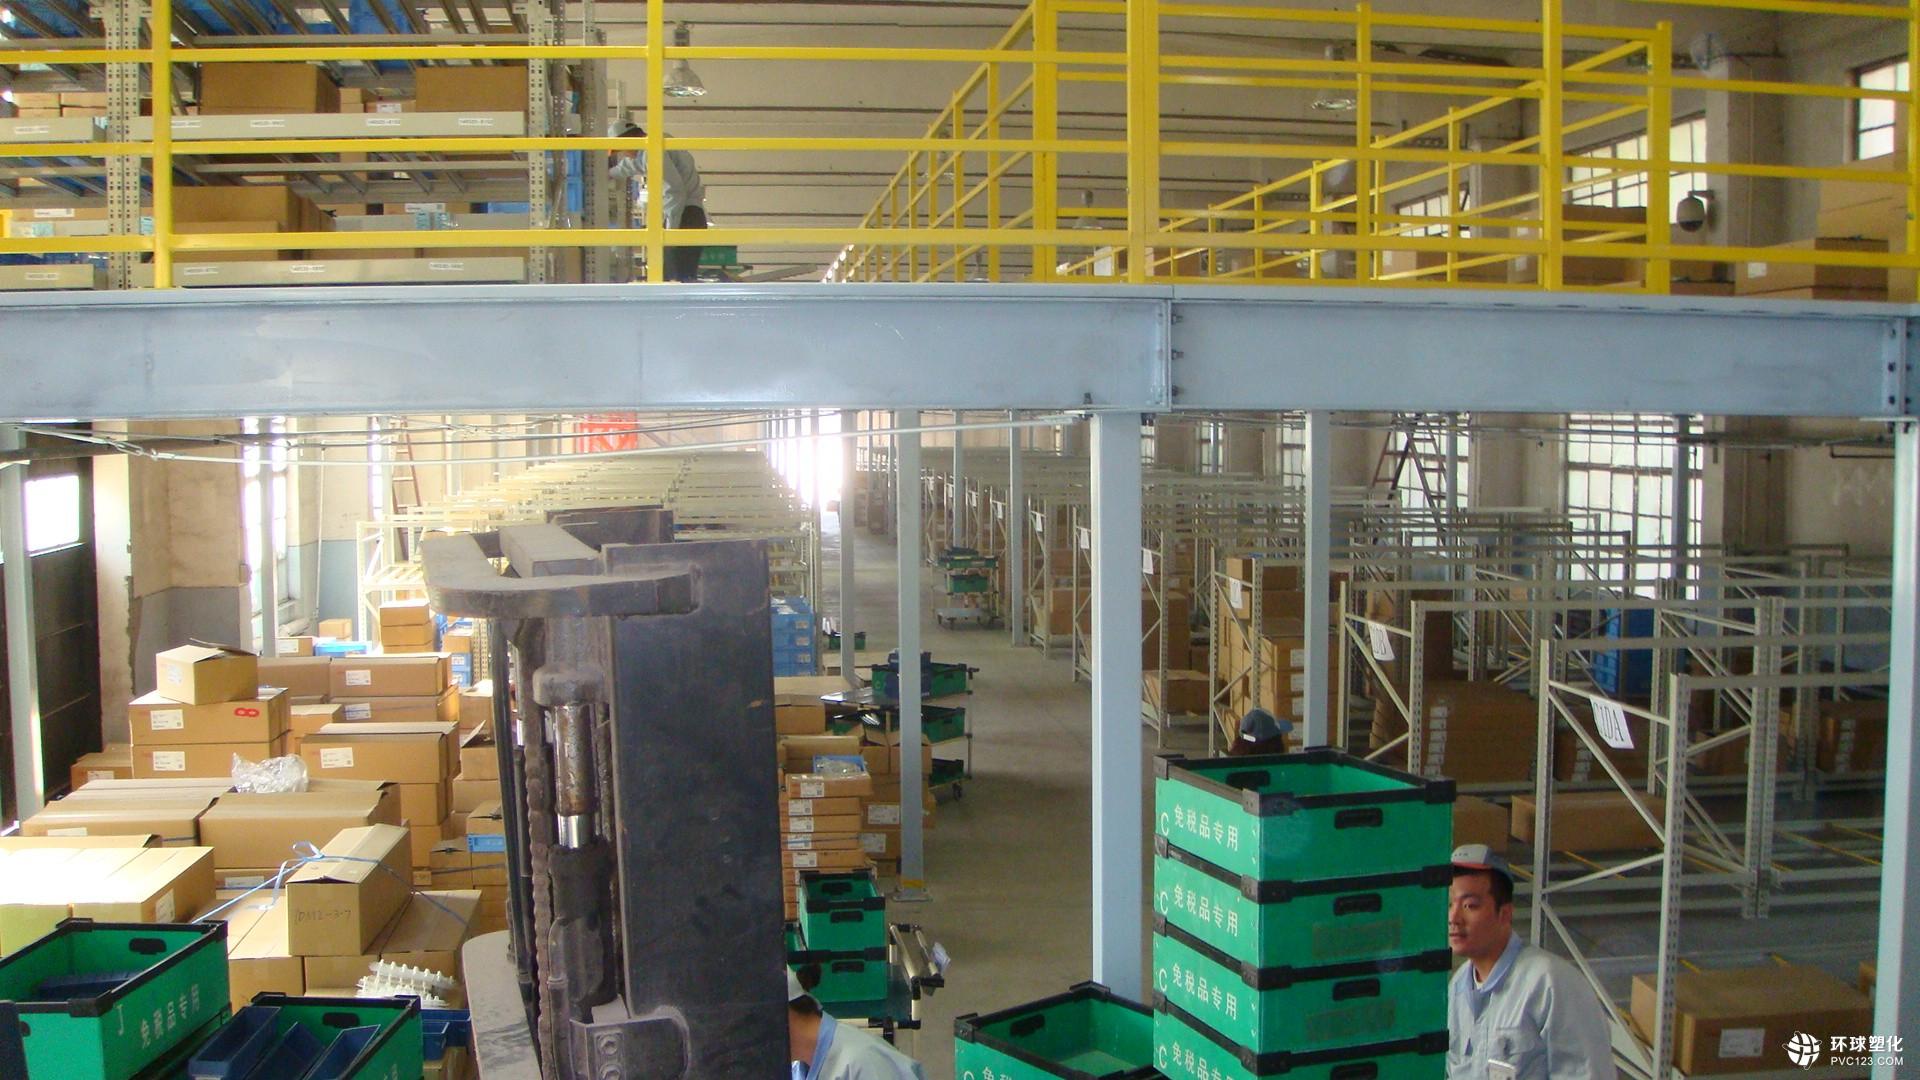 天津钢平台货架 天津钢平台货架厂 天津二层钢平台货架